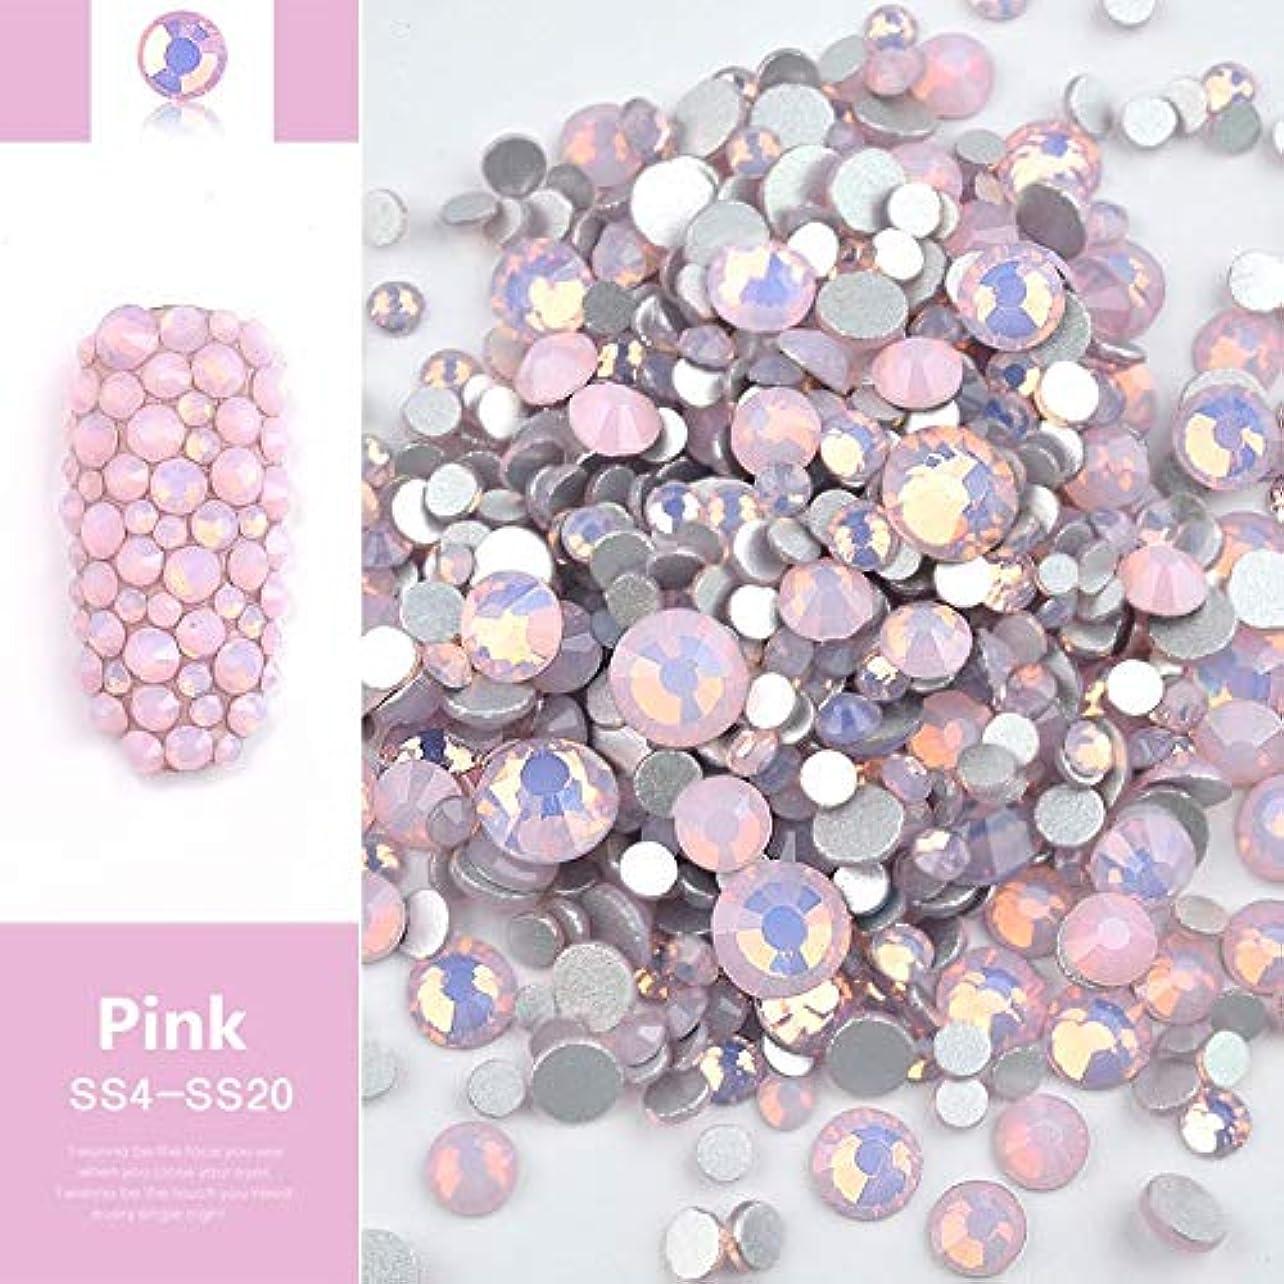 Kerwinner ビーズ樹脂クリスタルラウンドネイルアートミックスフラットバックアクリルラインストーンミックスサイズ1.5-4.5 mm装飾用ネイル (Color : Pink)